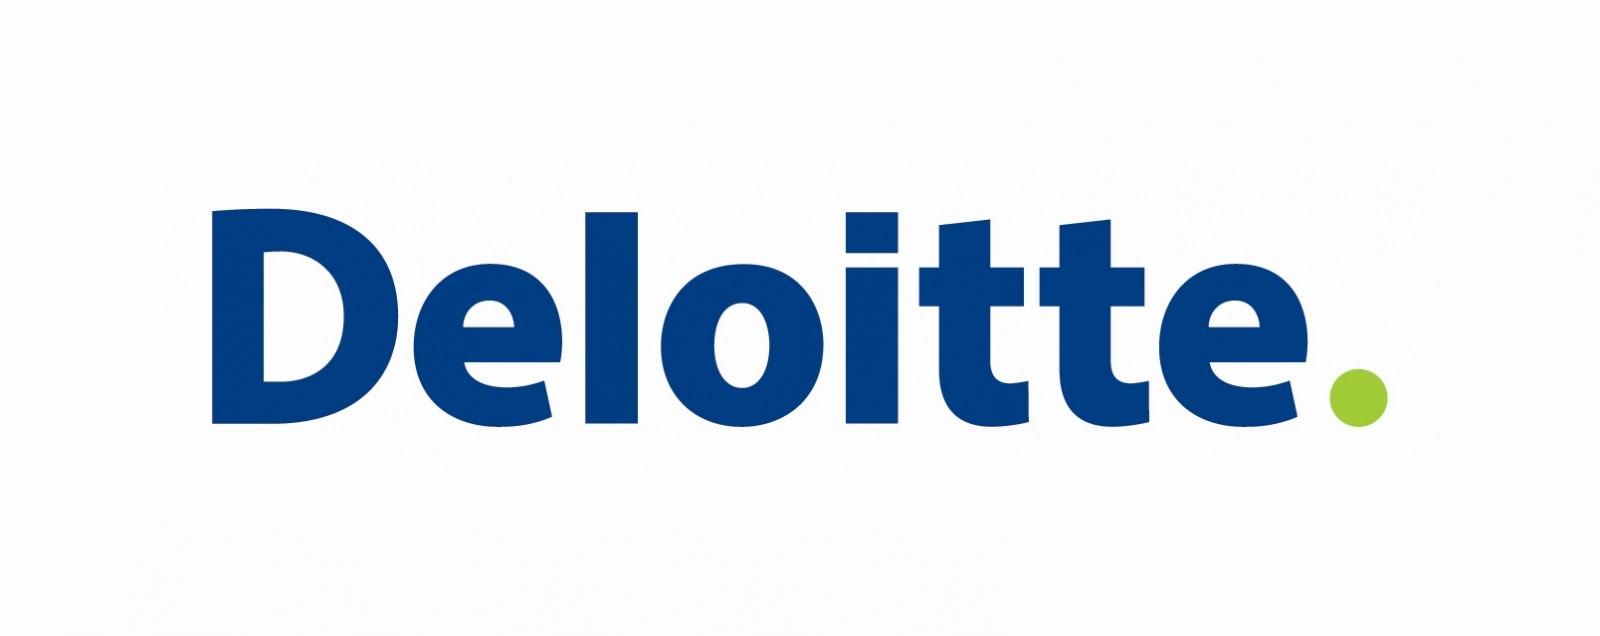 Deloitte-logo.jpg